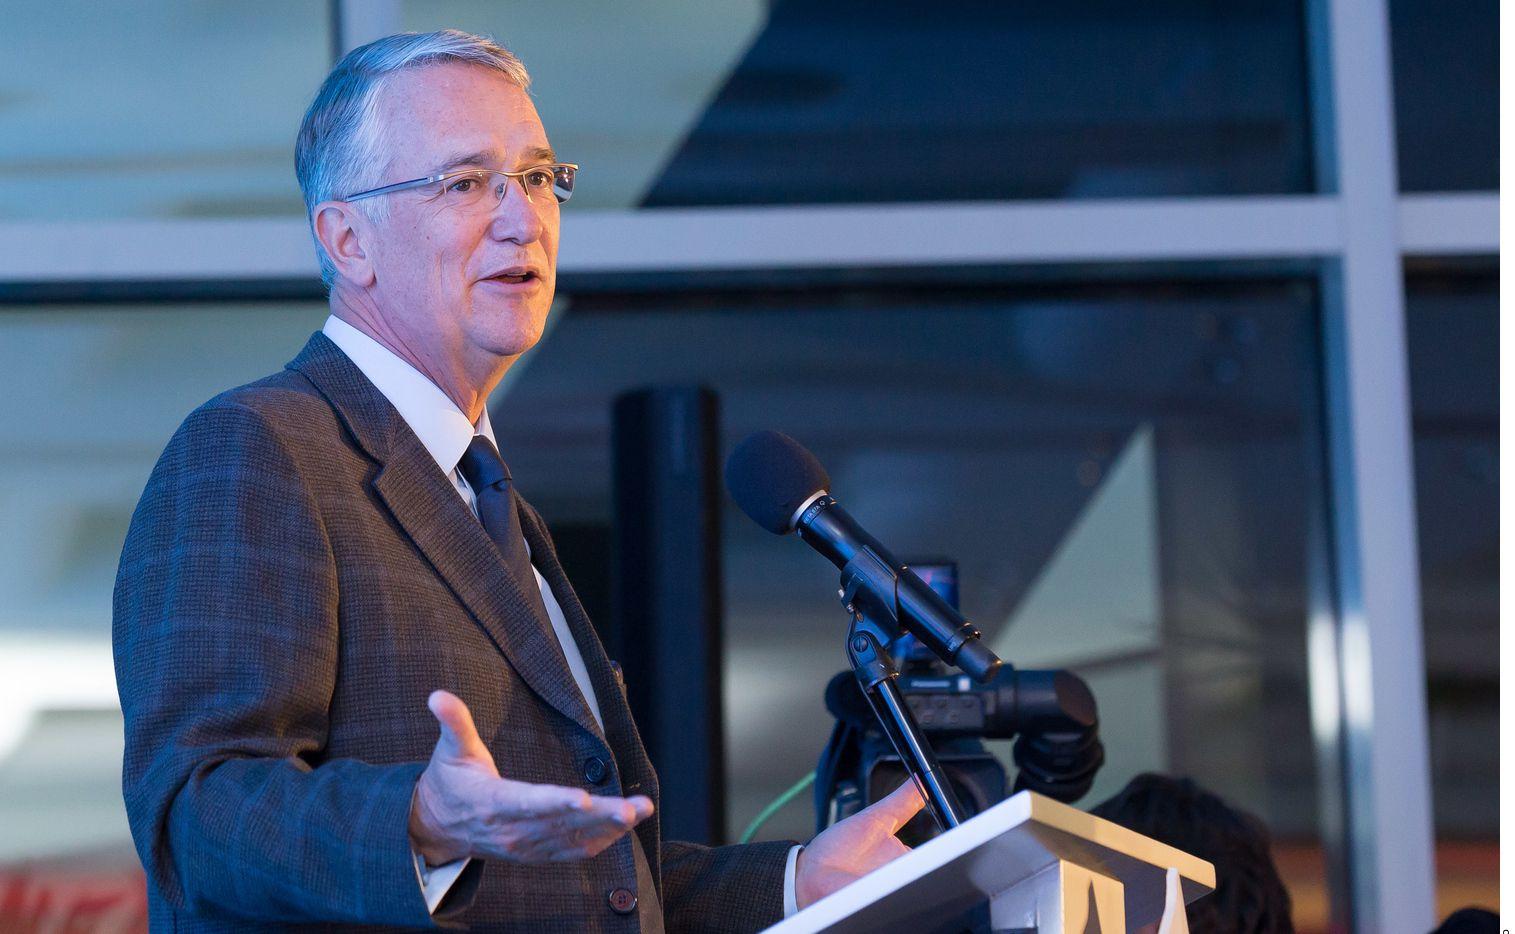 Ricardo Salinas Pliego, presidente de Grupo Salinas en México, dijo varias veces que estaba en contra de las medidas de aislamiento impuestas por los gobiernos por la pandemia de coronavirus.